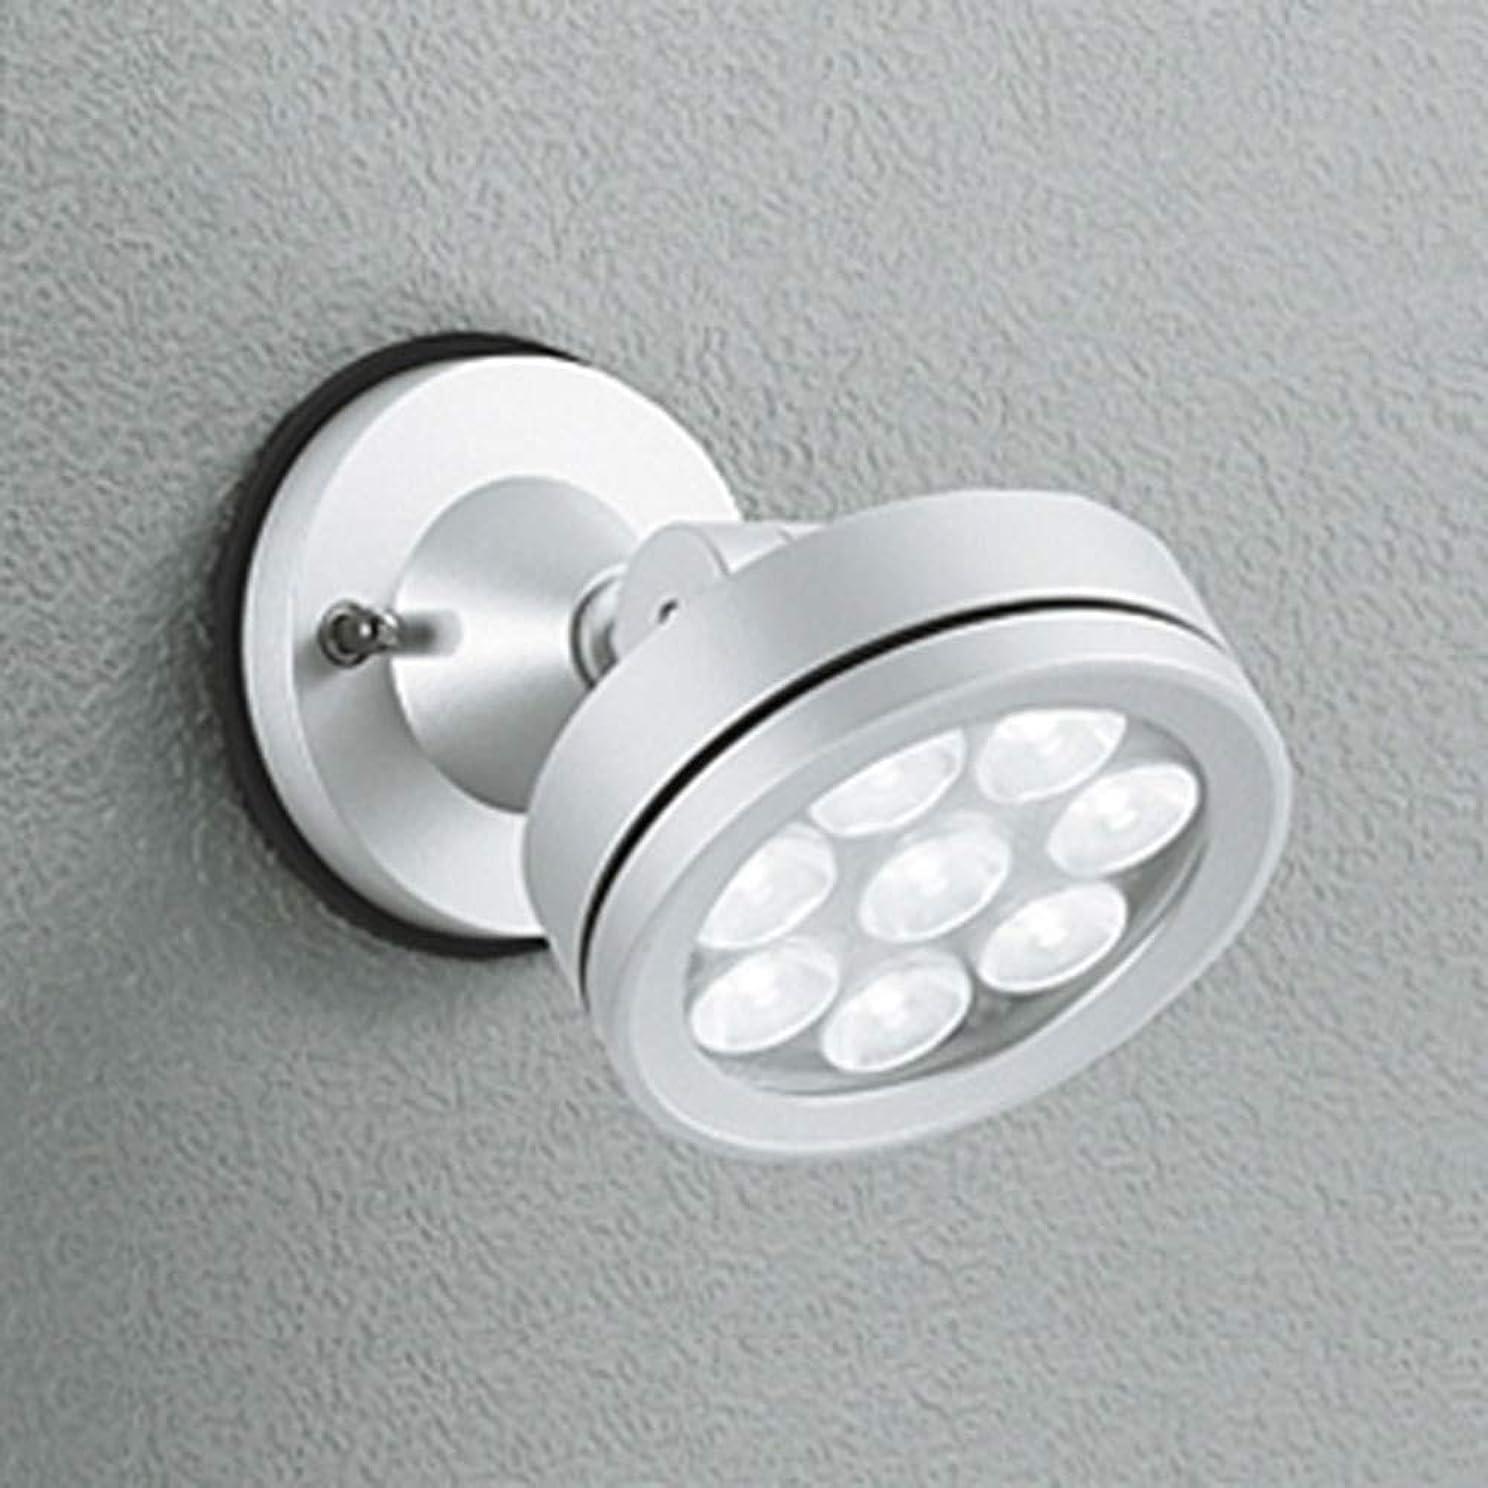 名目上のレンダービスケットオーデリック LEDスポットライト 防雨型 壁面?天井面取付兼用 ビーム球150W相当 LED×8灯 電球色 ワイド配光 マットシルバー OG254064